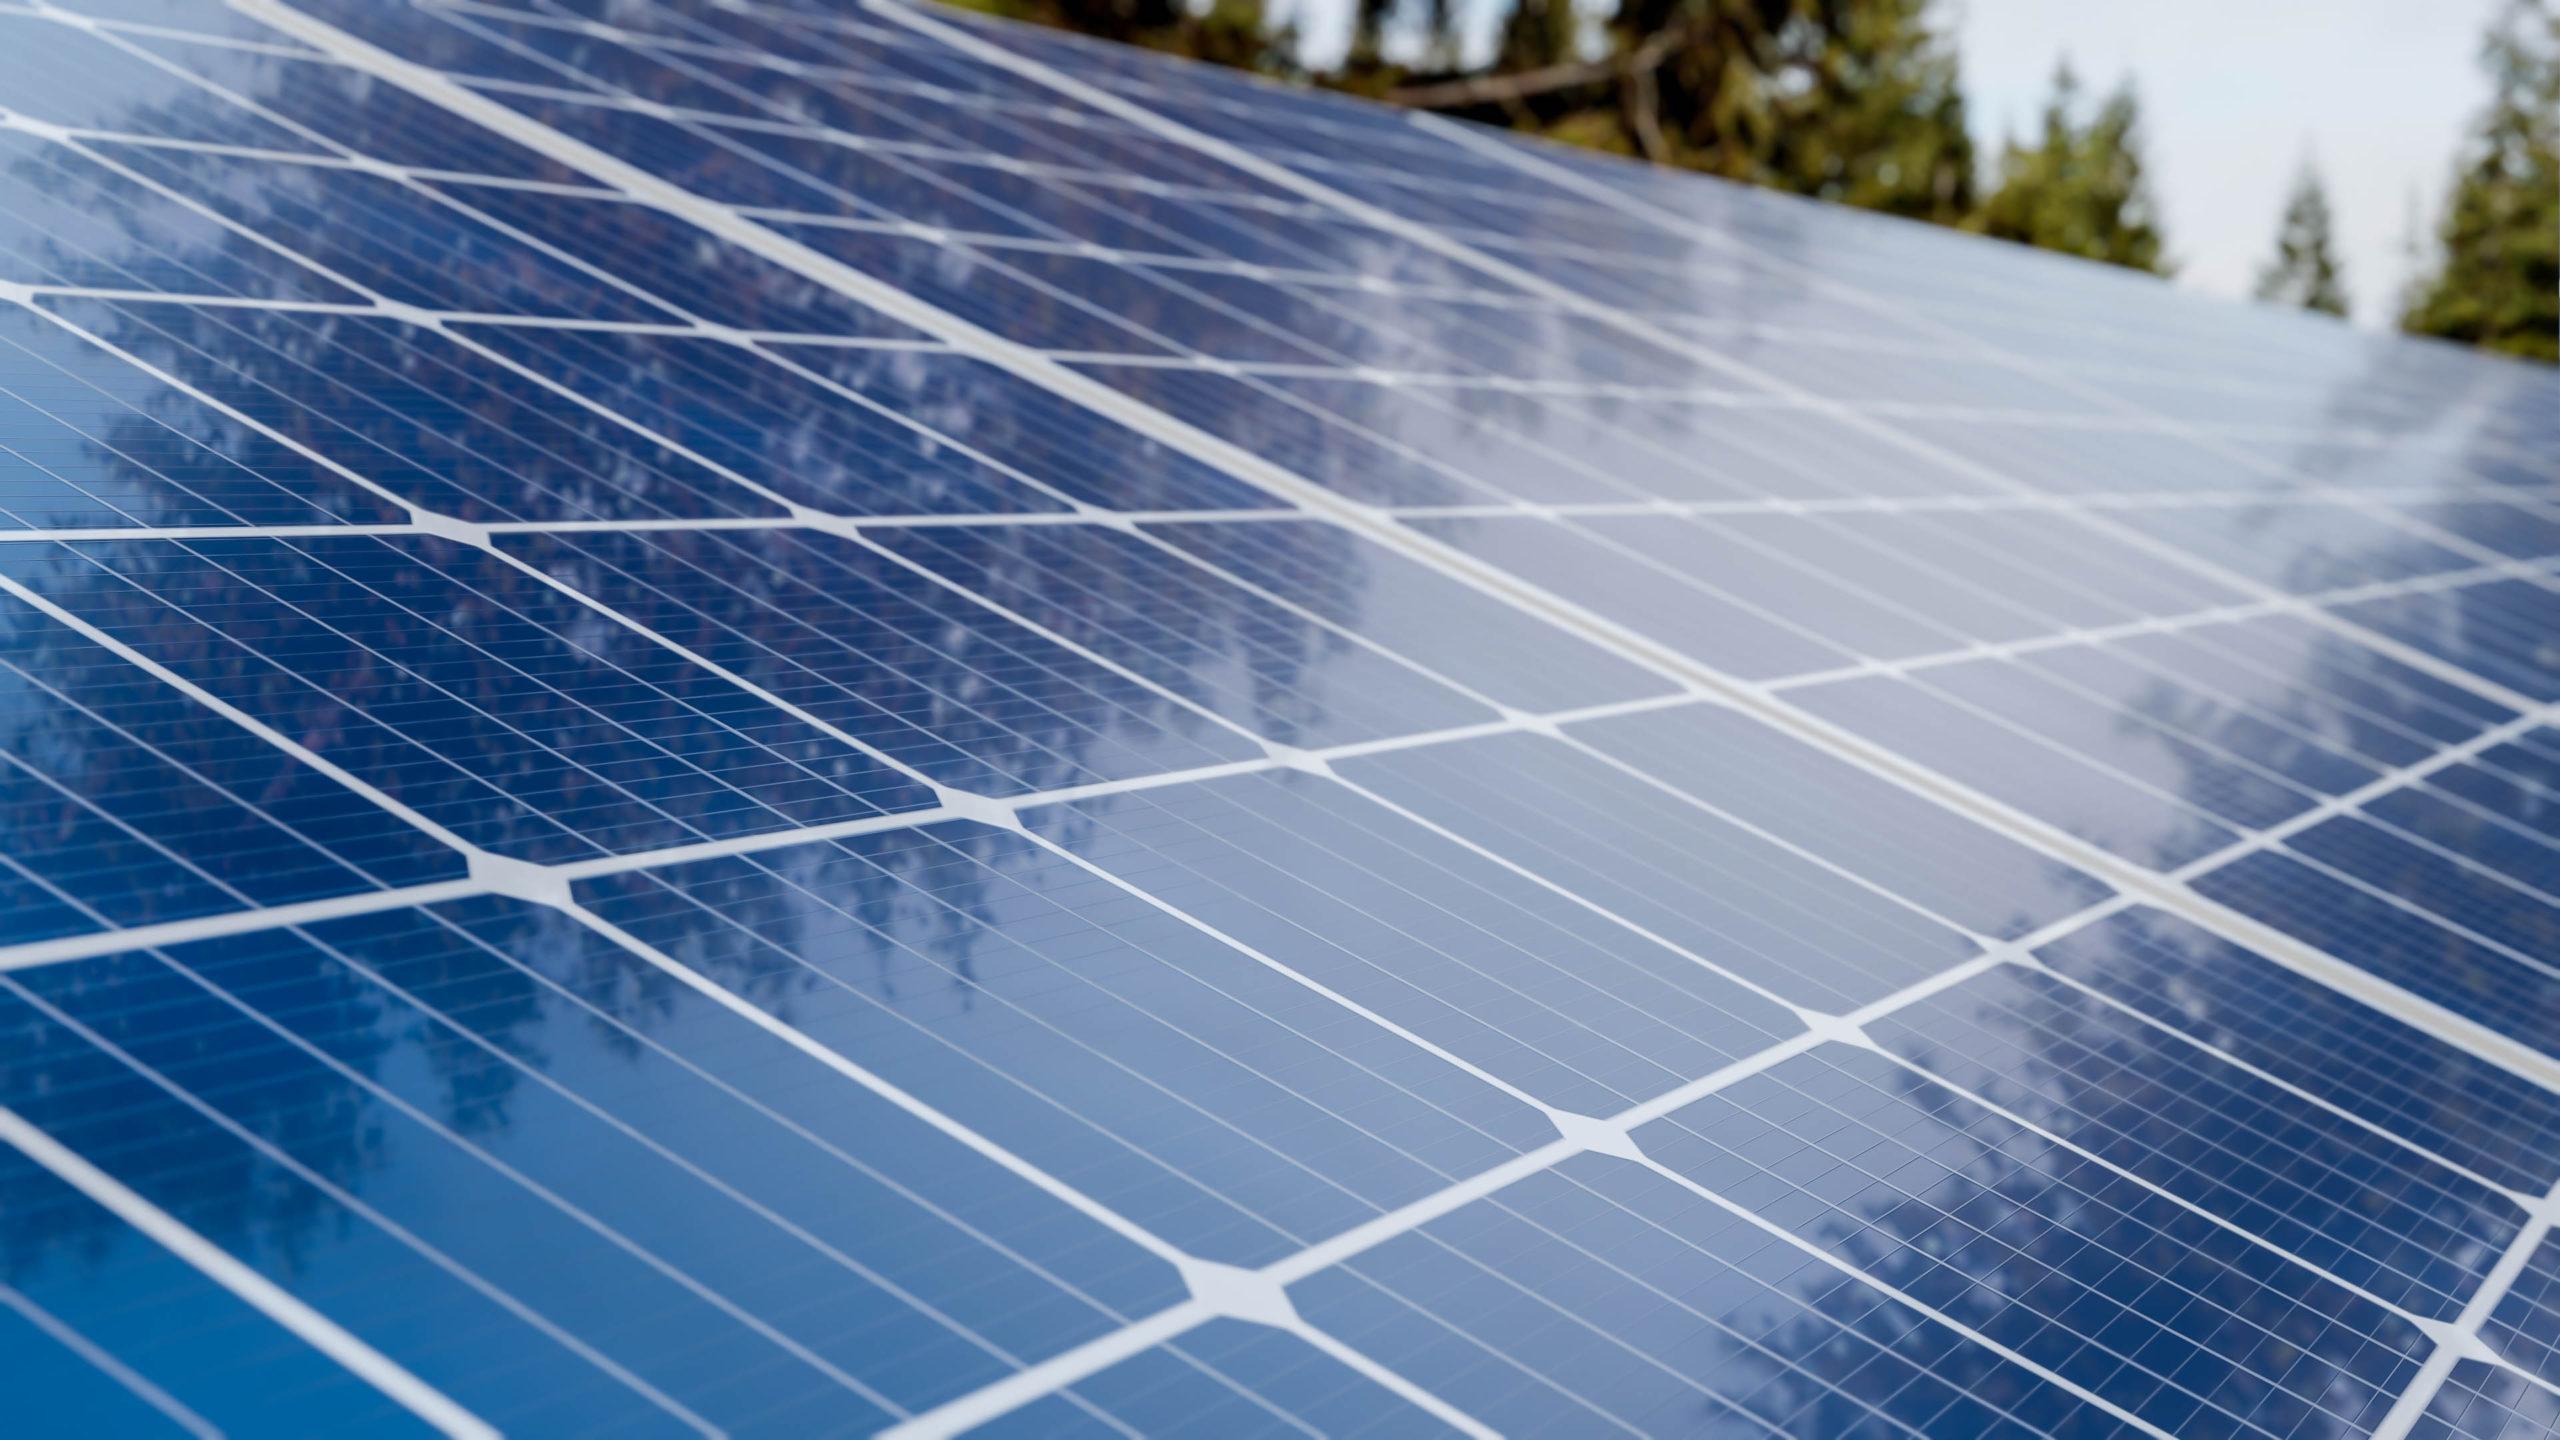 O seguro do sistema fotovoltaico como ferramenta de vendas